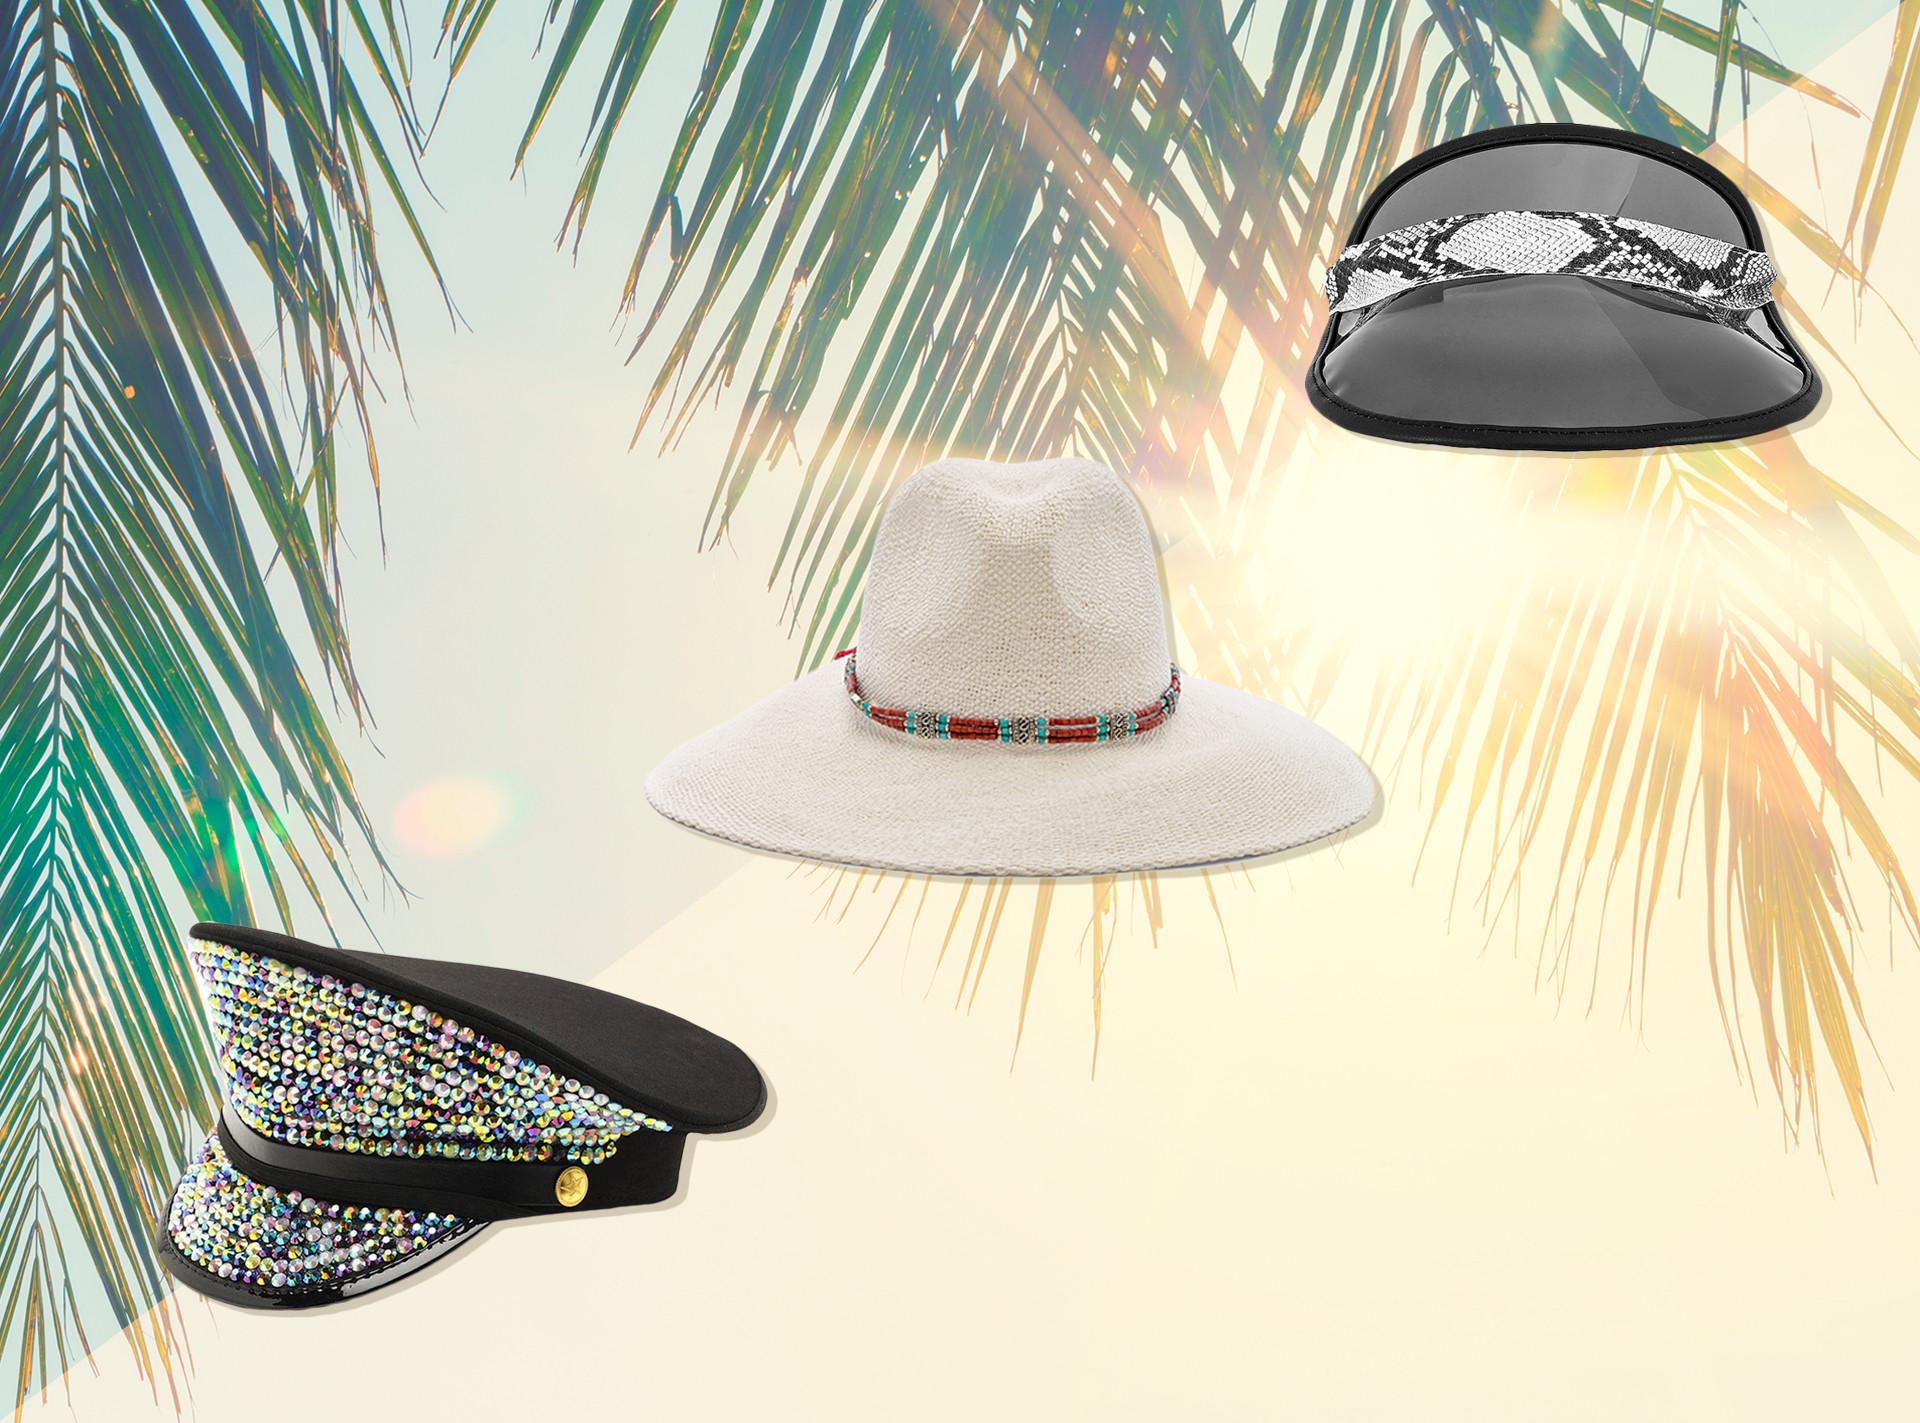 E-Comm: Hats for Festival Season